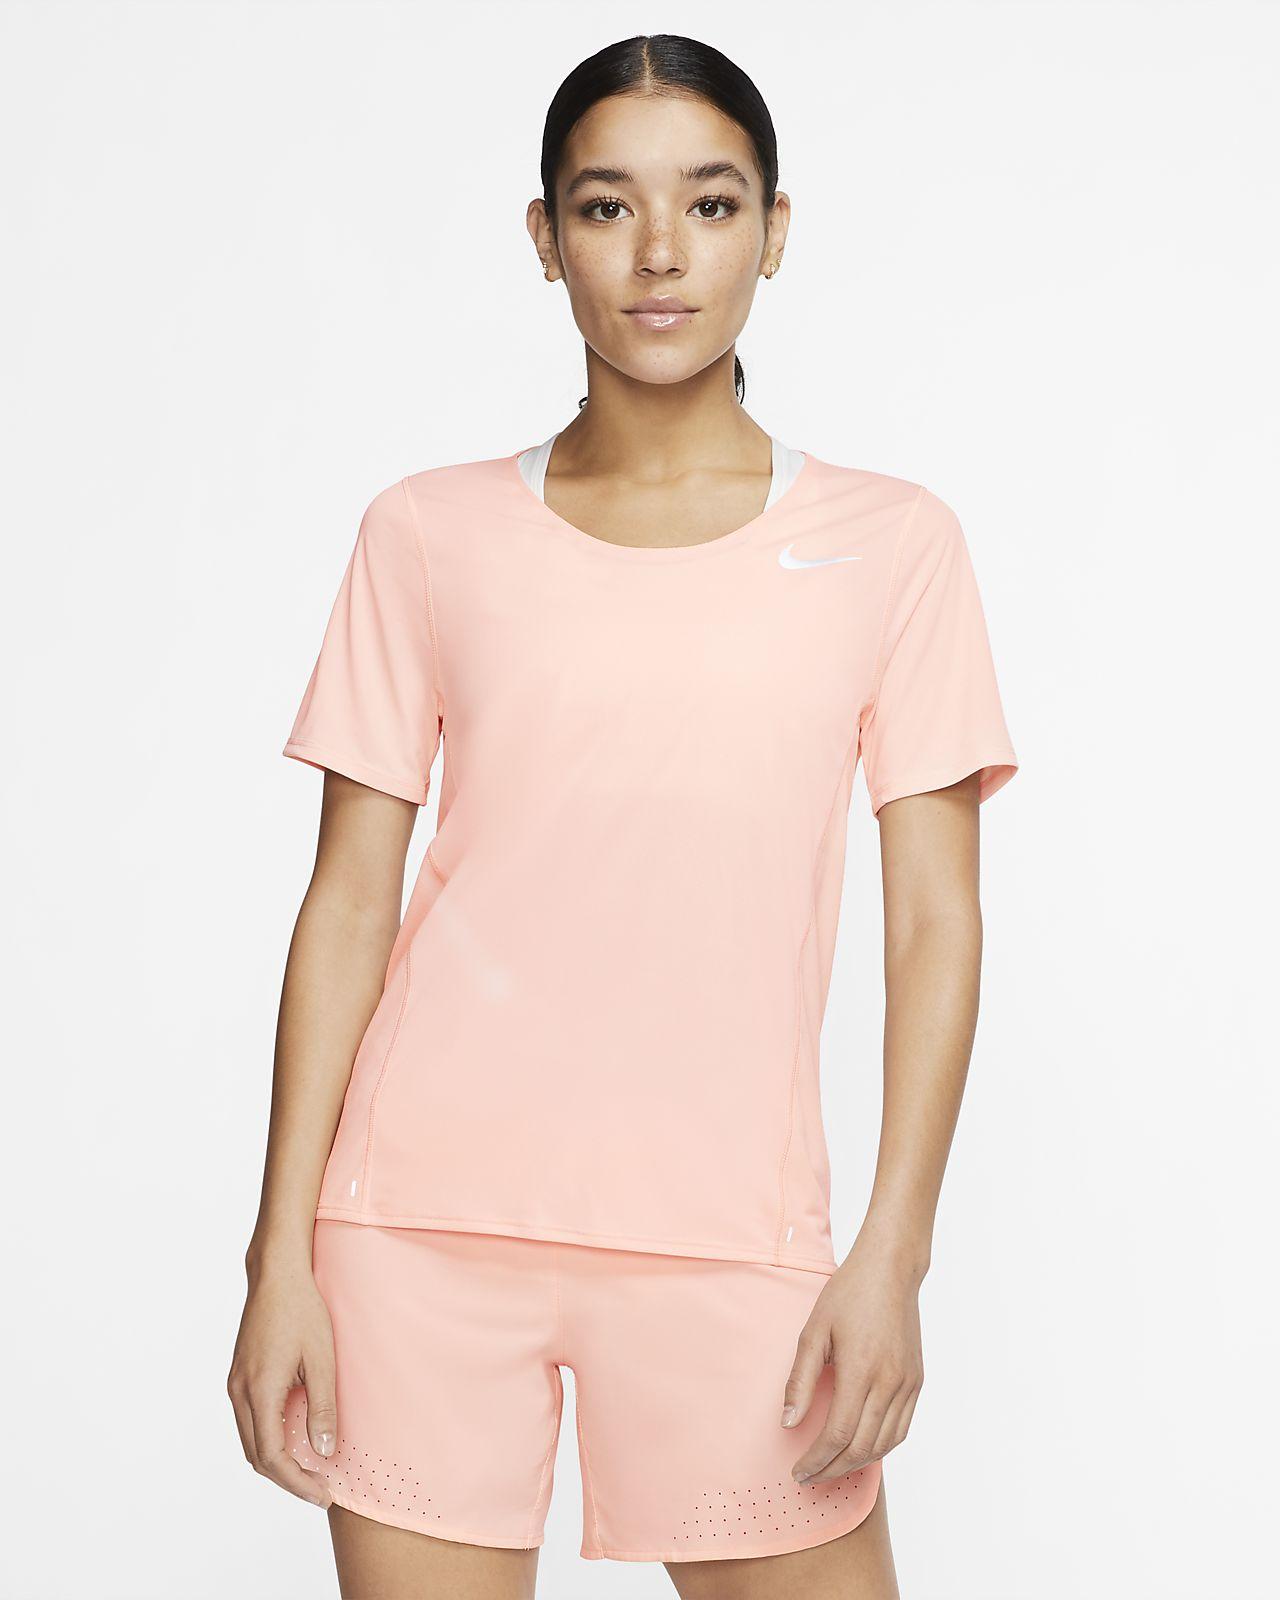 Nike City Sleek kortermet løpeoverdel til dame